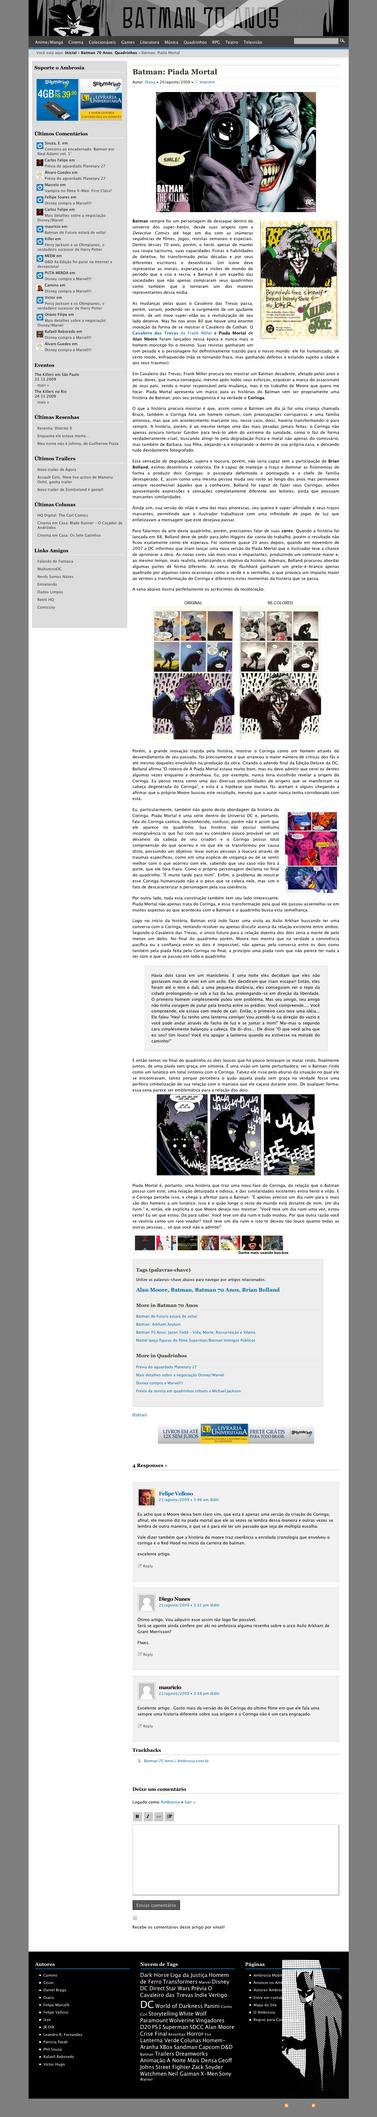 Artigo Ambrosia 20090831 by salvadorcamino